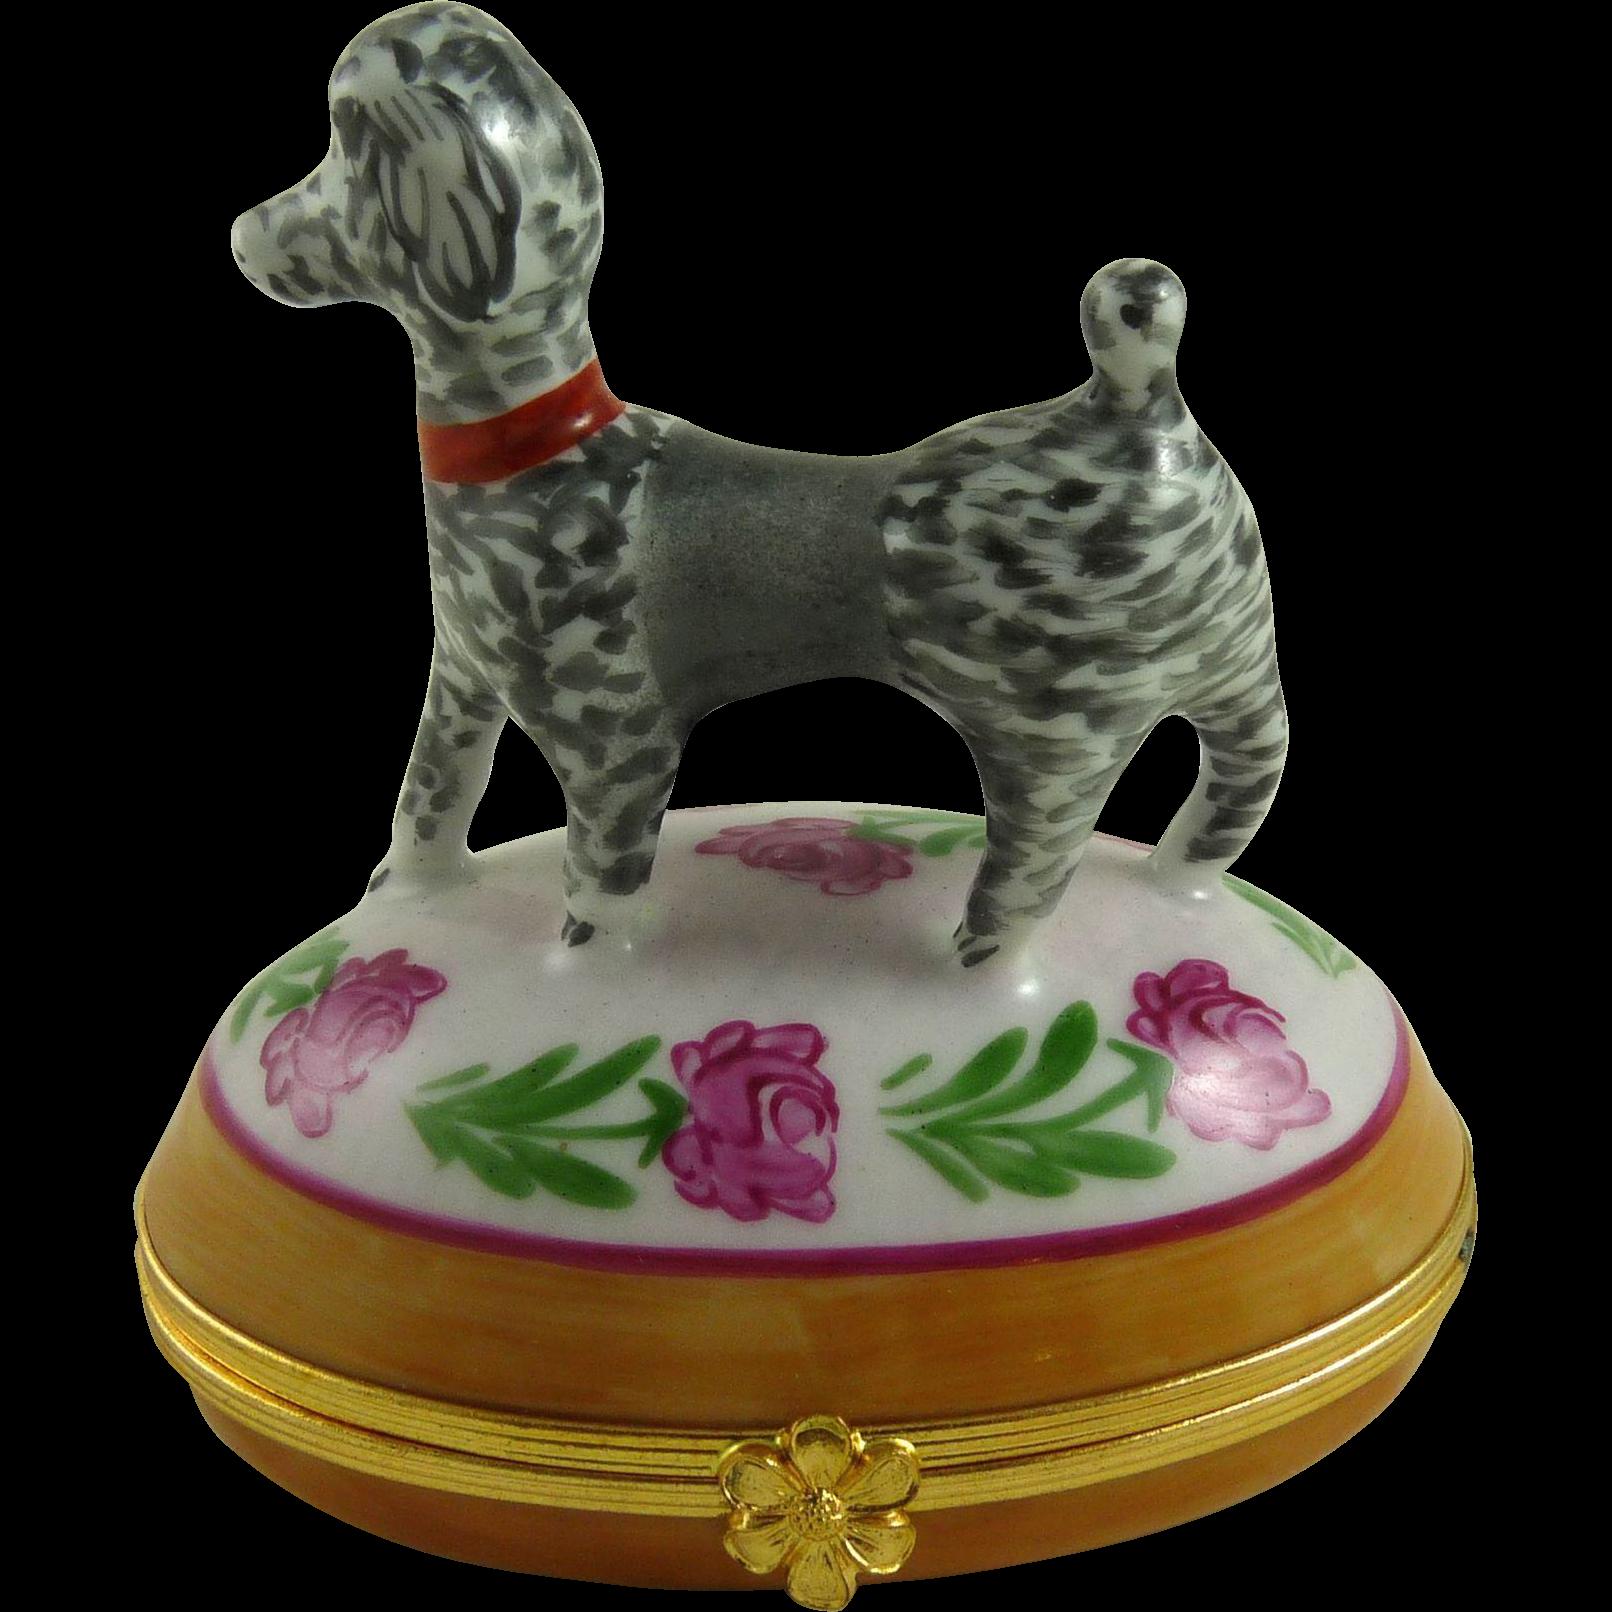 Vintage Limoges Porcelain Box with Poodle Dog